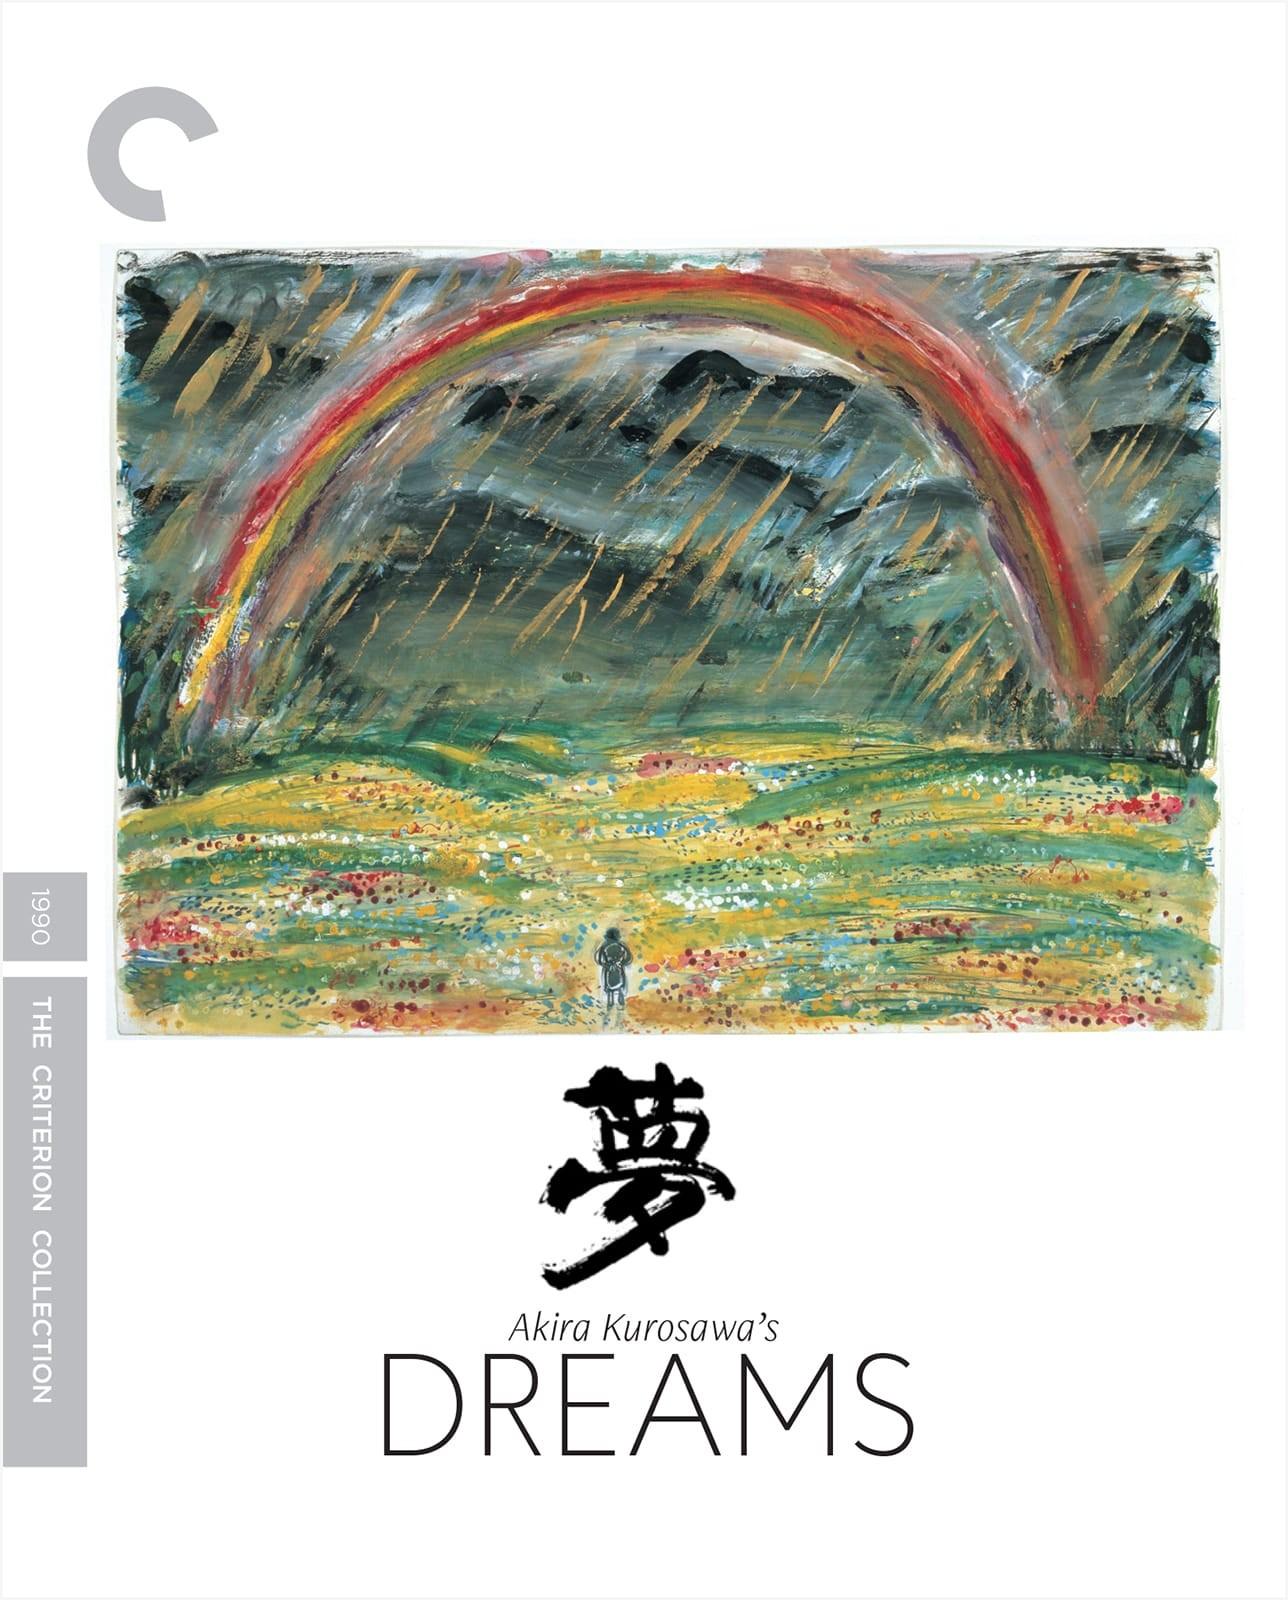 Buy Akira Kurosawa's Dreams (Blu-ray)